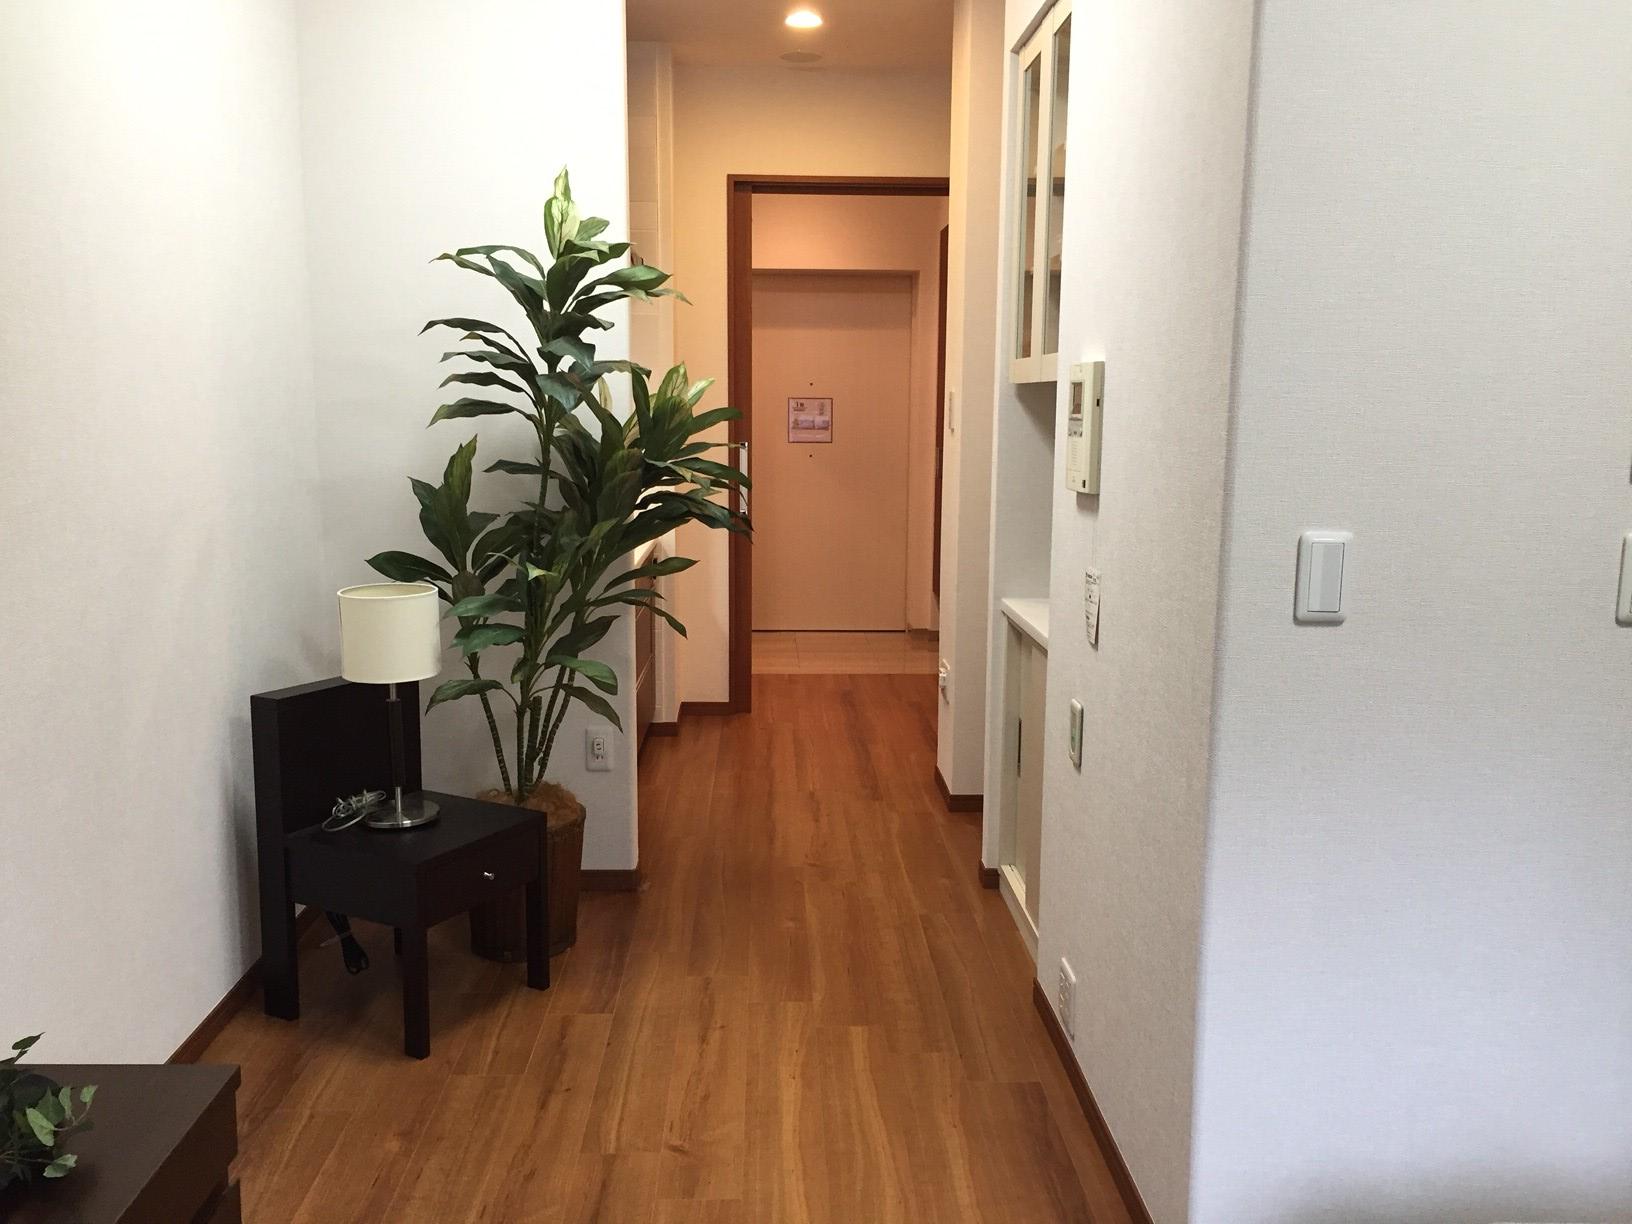 108号室2.JPG